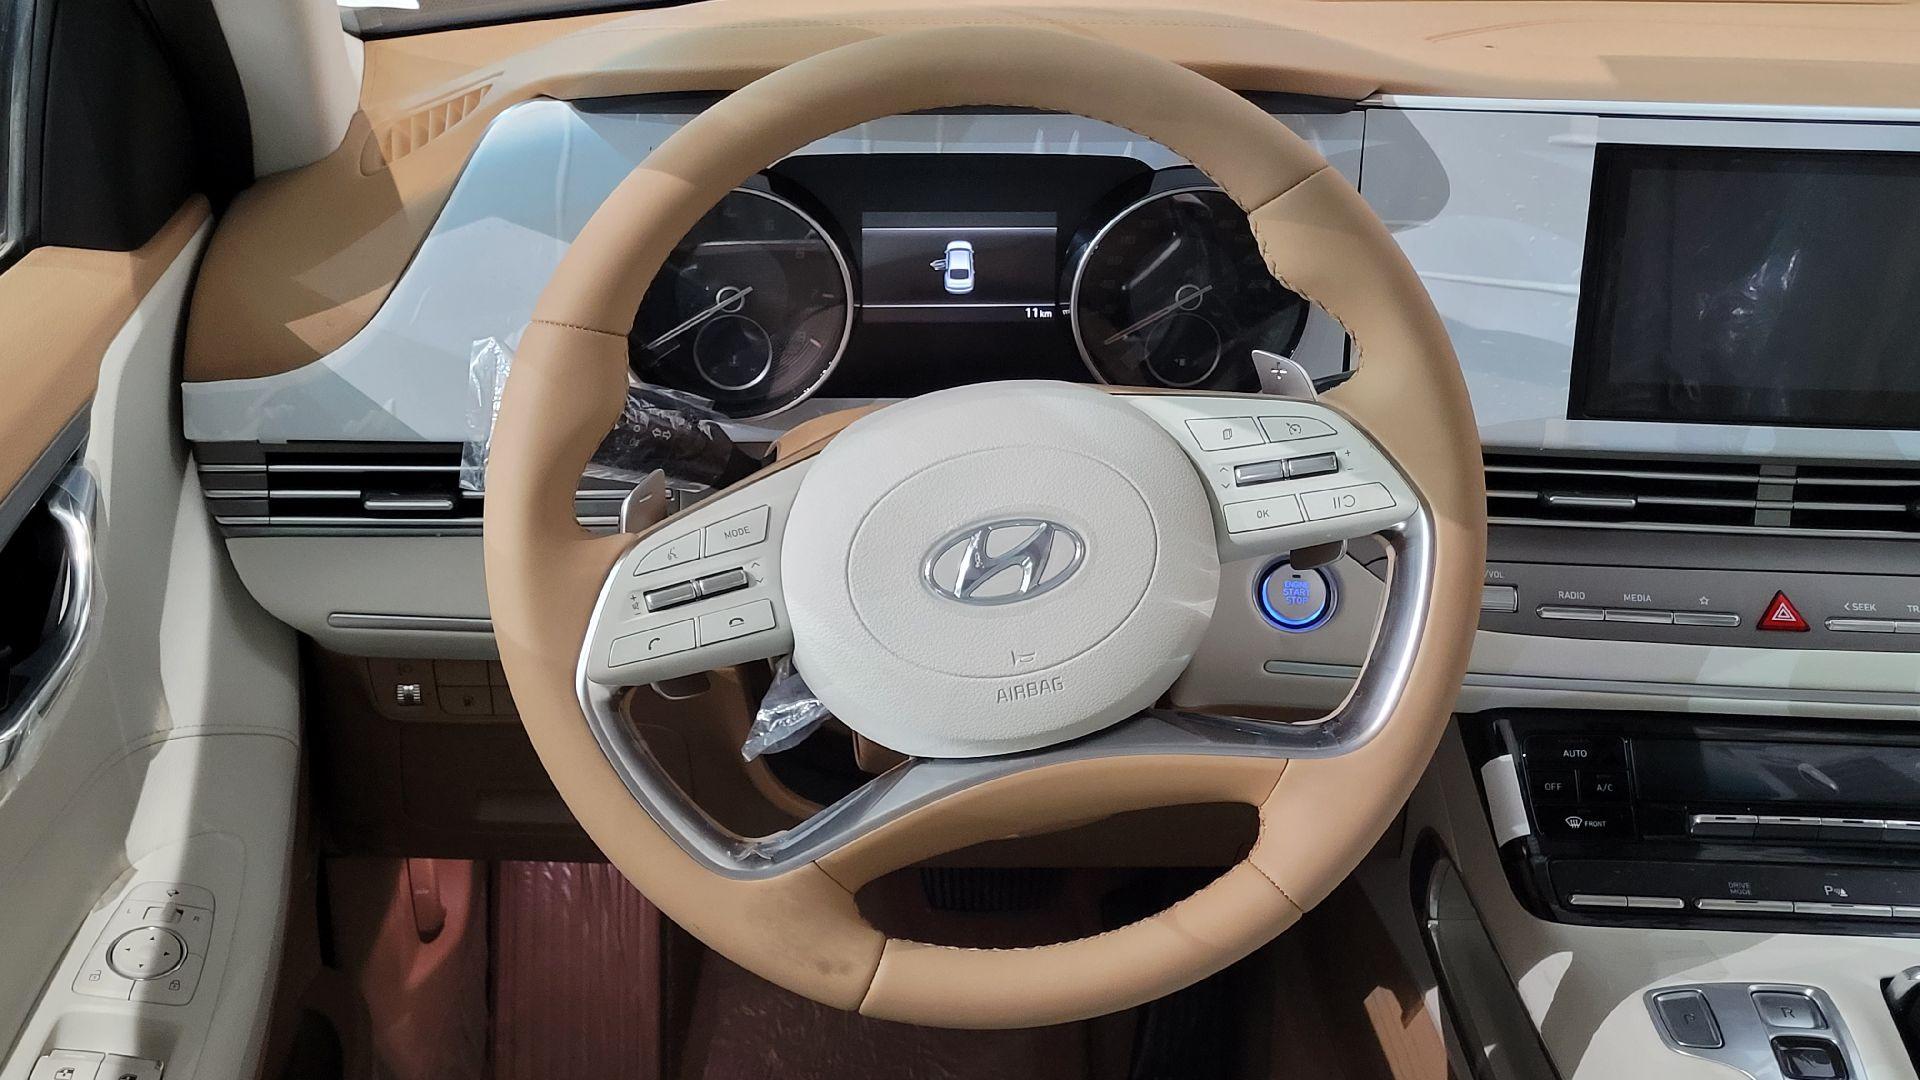 مباع - هونداي ازيرا Smart 2022 ستاندر سعودي للبيع في الرياض - السعودية - صورة كبيرة - 9